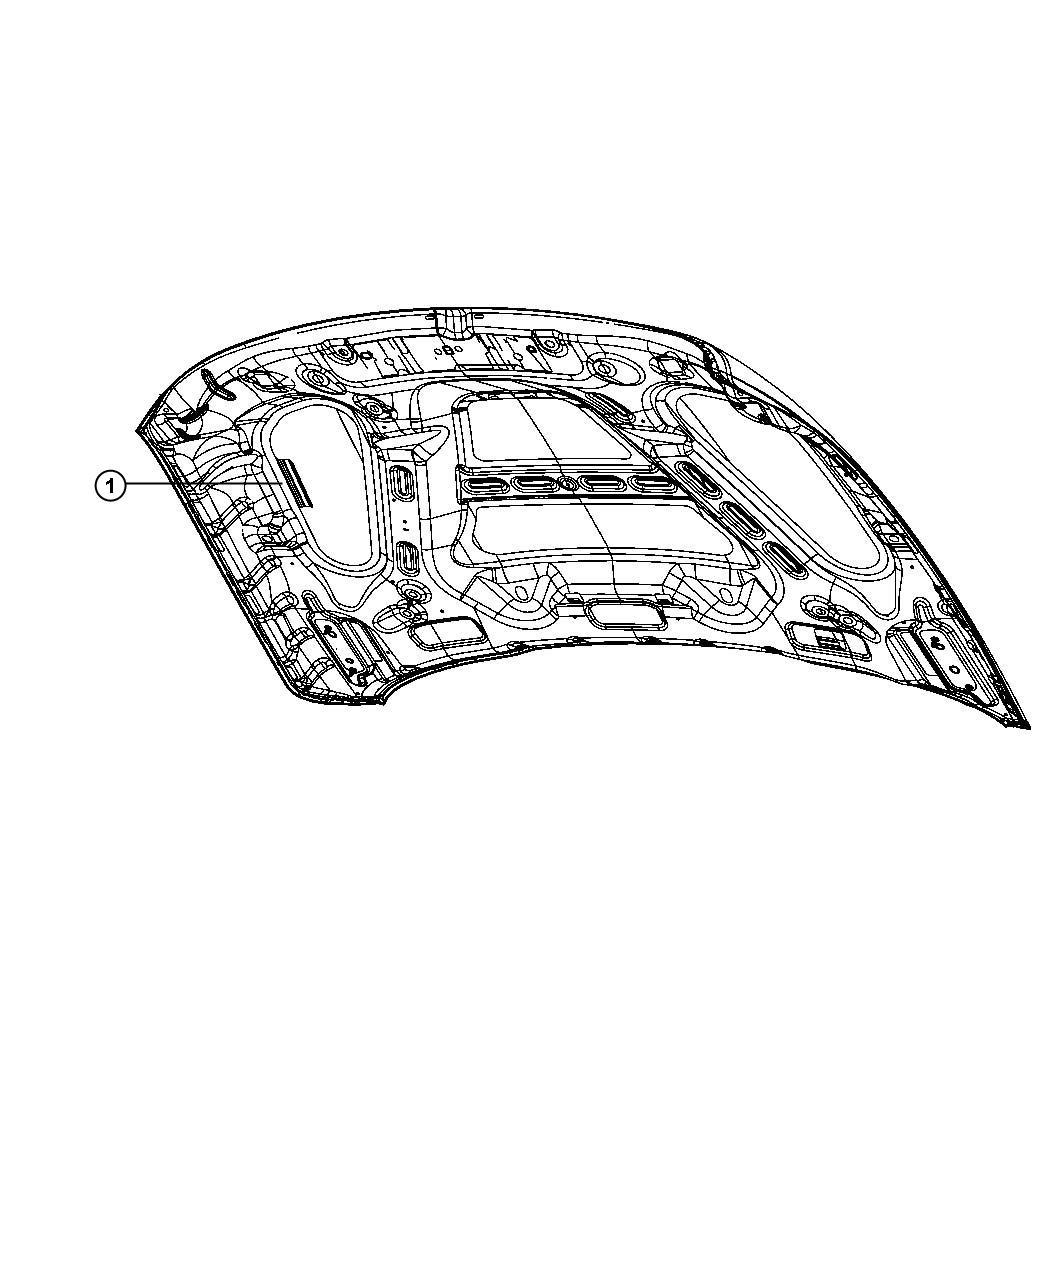 Dodge Ram Label Vehicle Emission Control Information 5 7l V8 Hemi Mds Vvt Engine